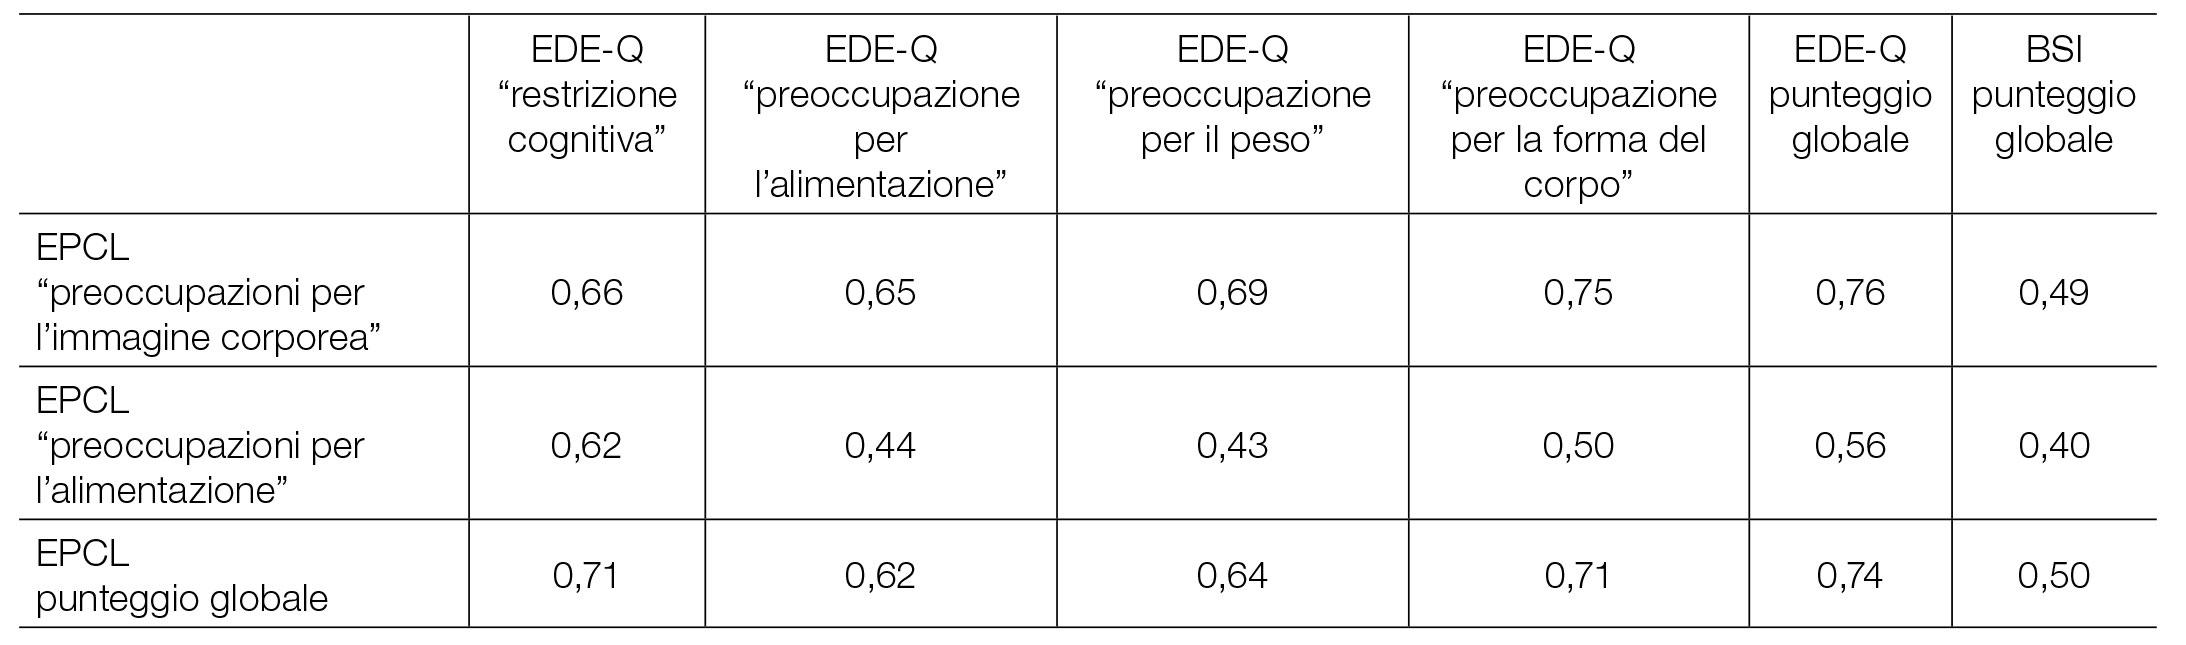 Giornale italiano dei disturbi dell'alimentazione e dell'obesità